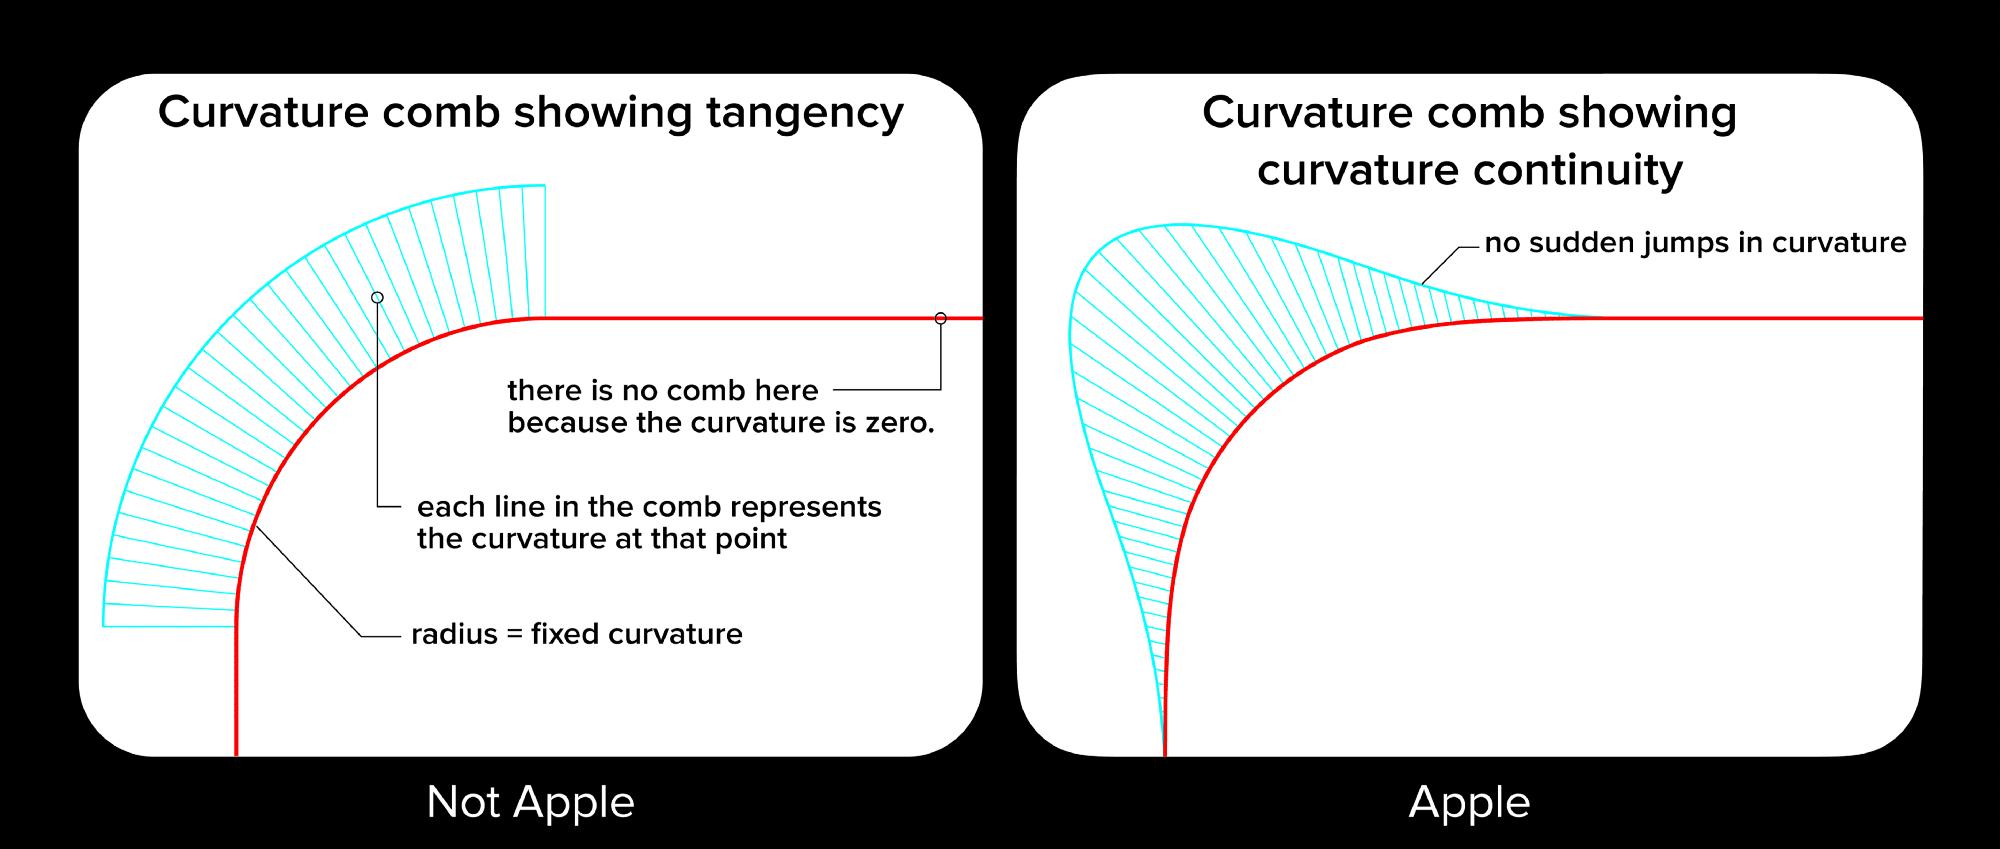 apple curvature continuity - Ako tvar ikoniek v iOS súvisí s industriálnym dizajnom produktov